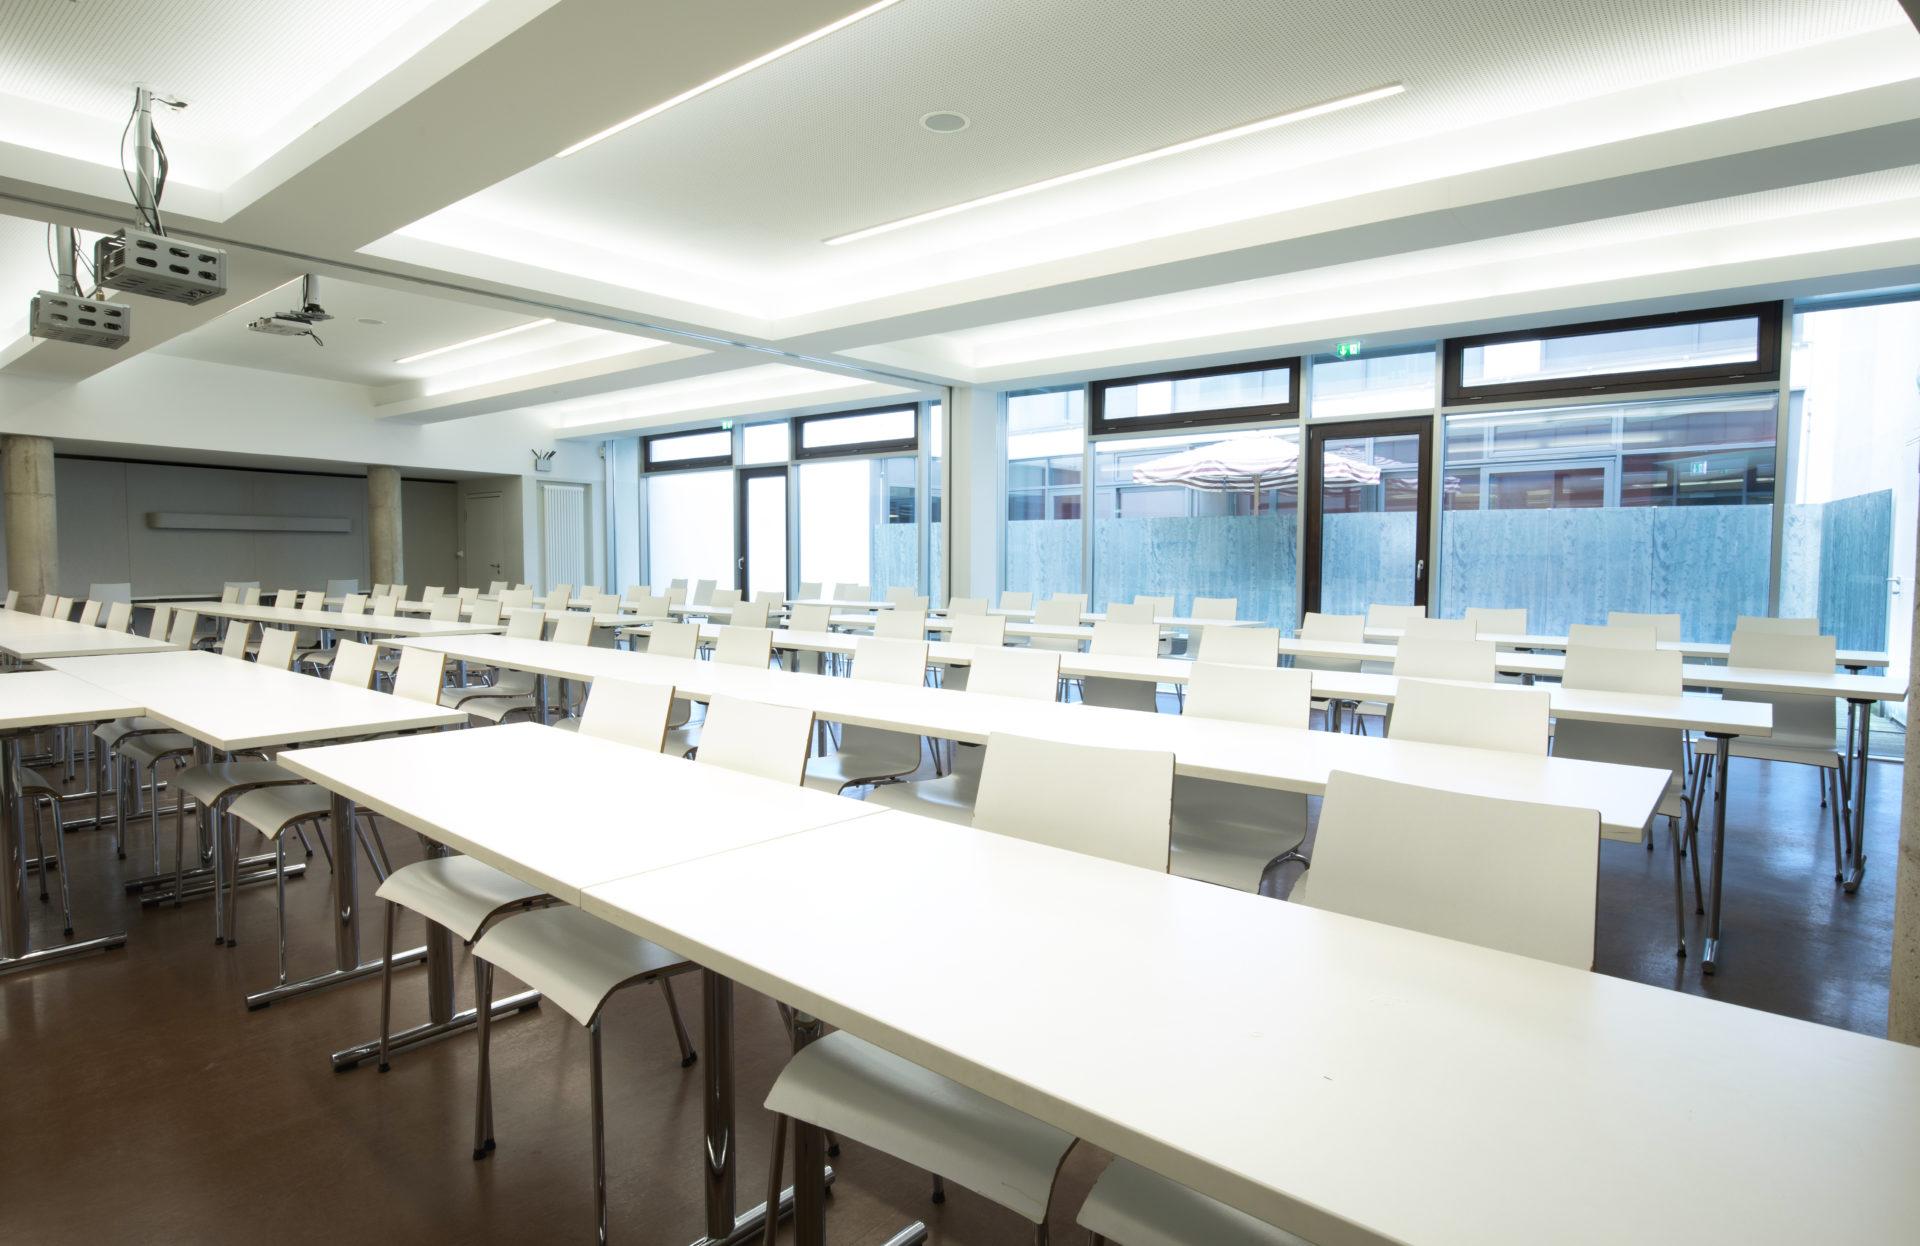 Seminarraum der Dr. Buhmann Schule und Akademie von der Tafel aus betrachtet mit fünf Tischreihen